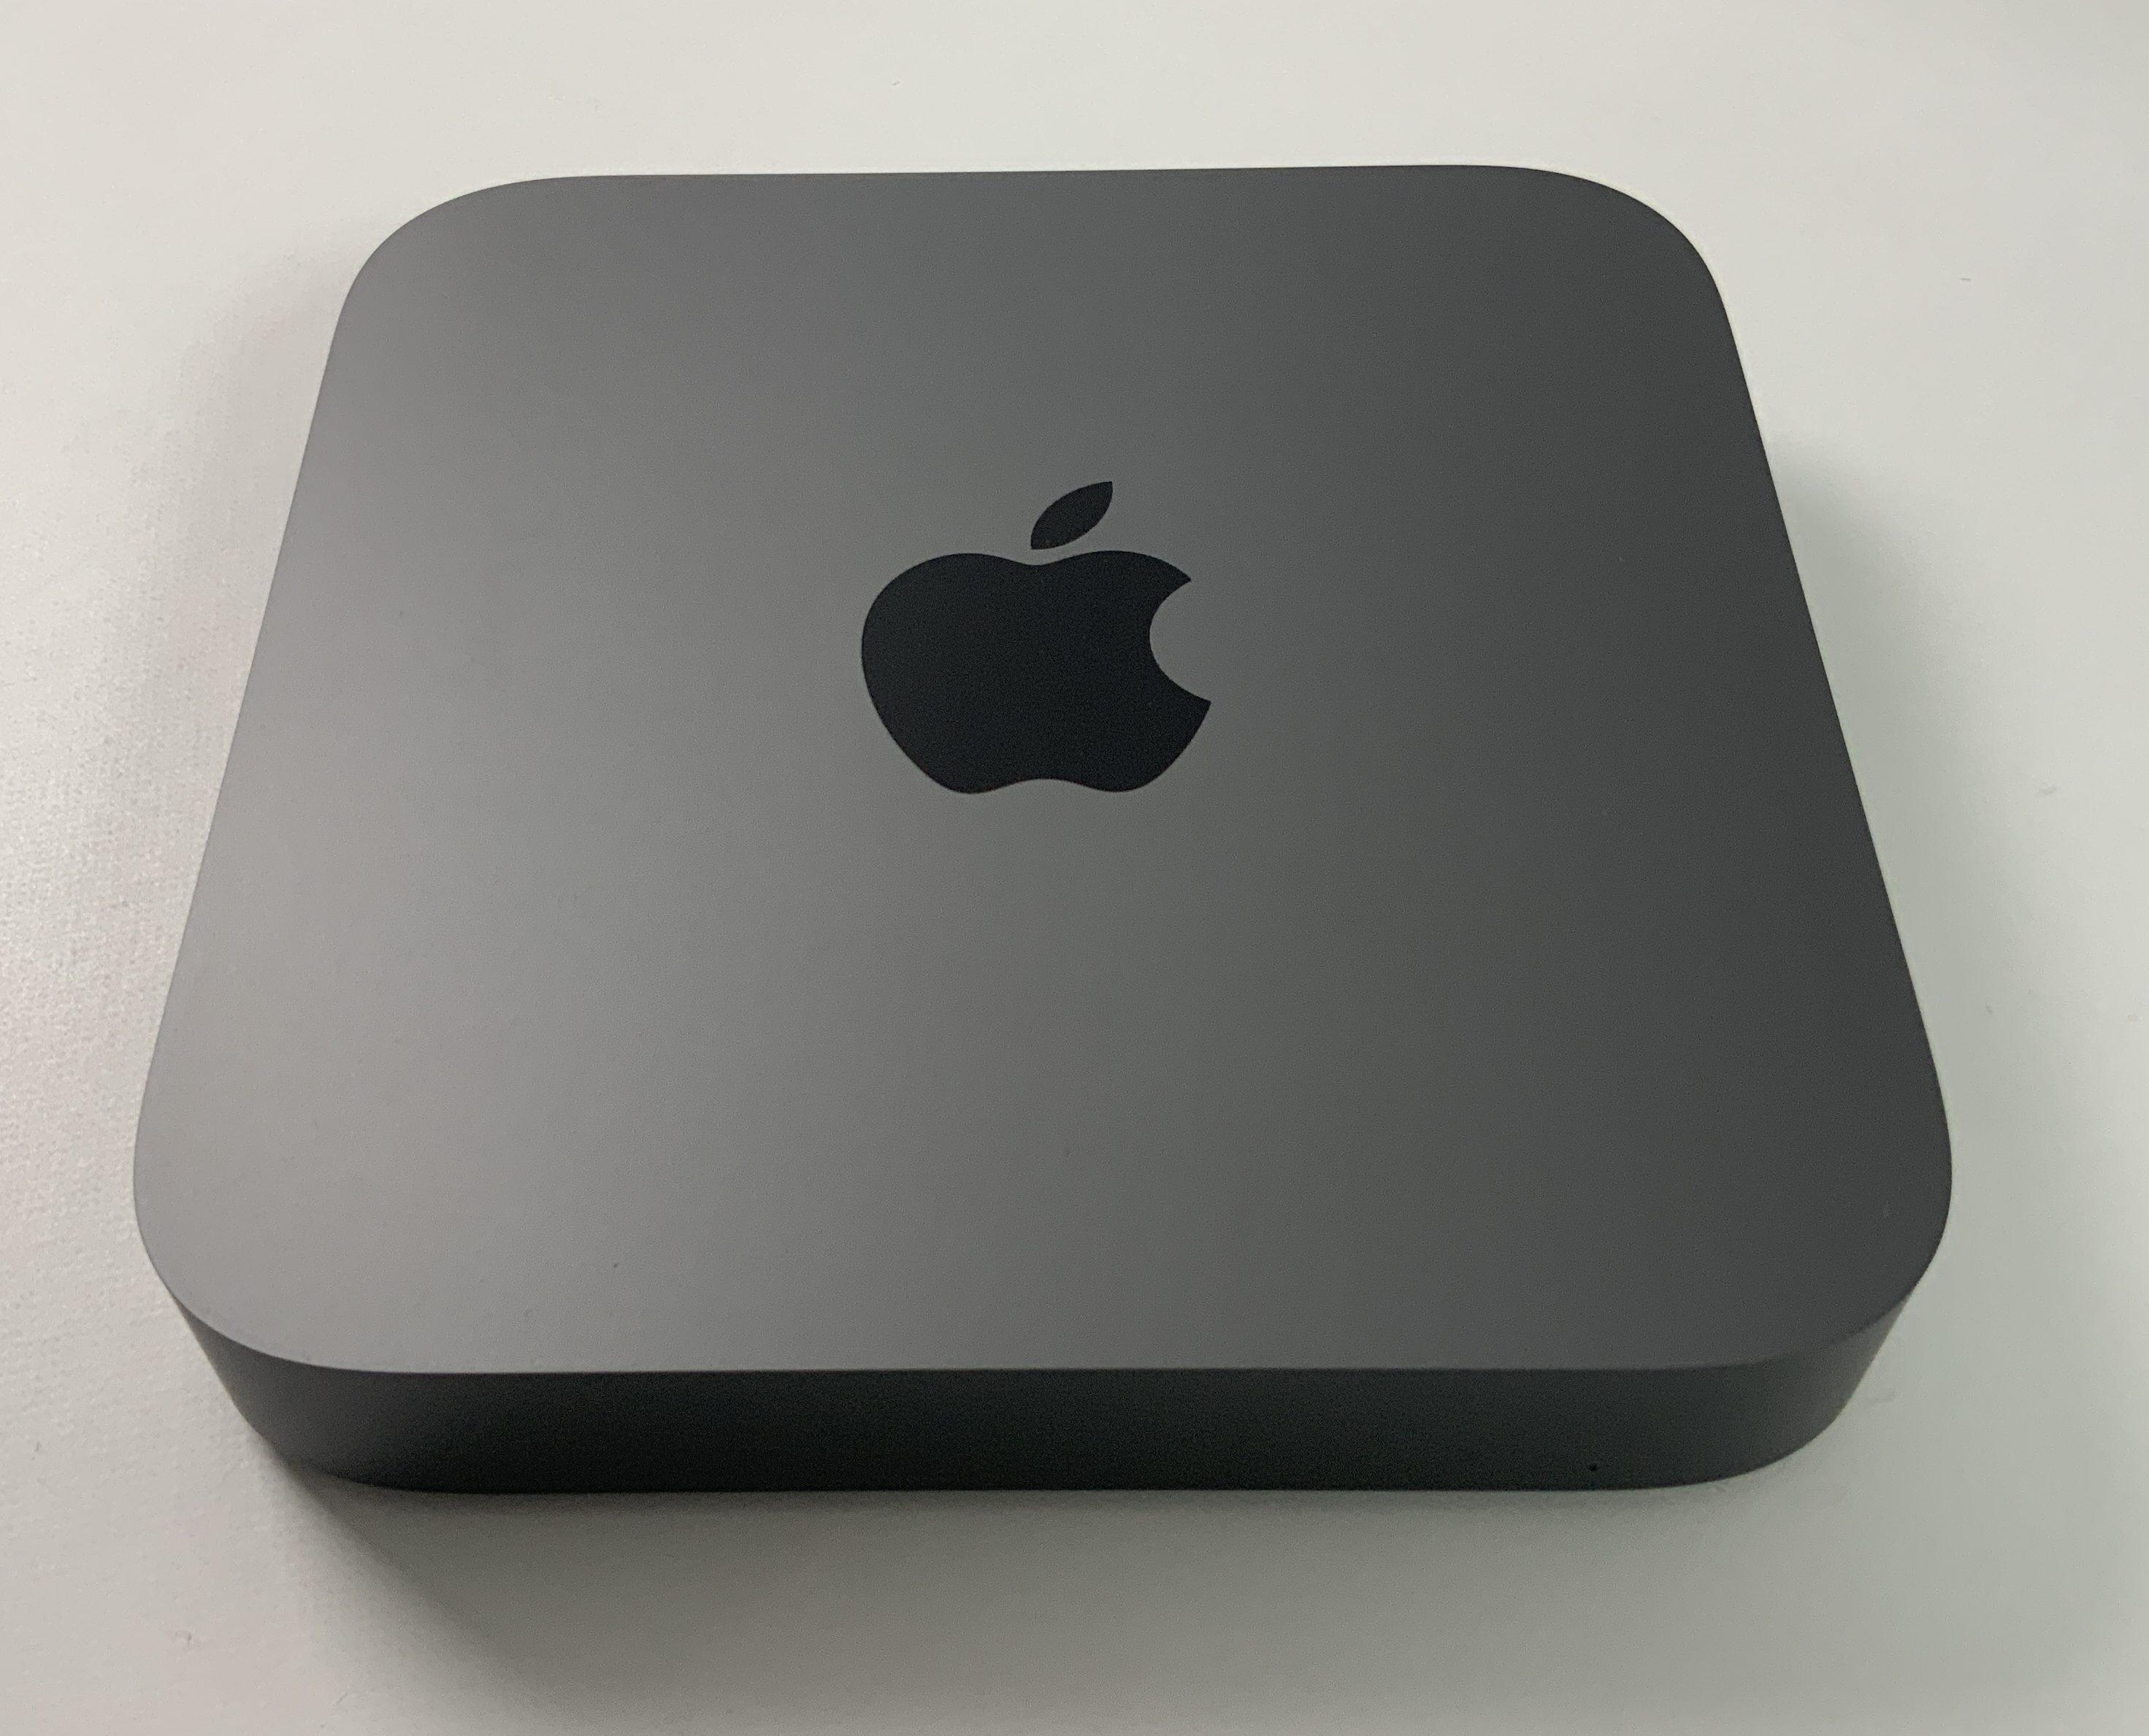 Mac Mini Late 2018 (Intel Quad-Core i3 3.6 GHz 8 GB RAM 256 GB SSD), Intel Quad-Core i3 3.6 GHz, 8 GB RAM, 256 GB SSD, imagen 1